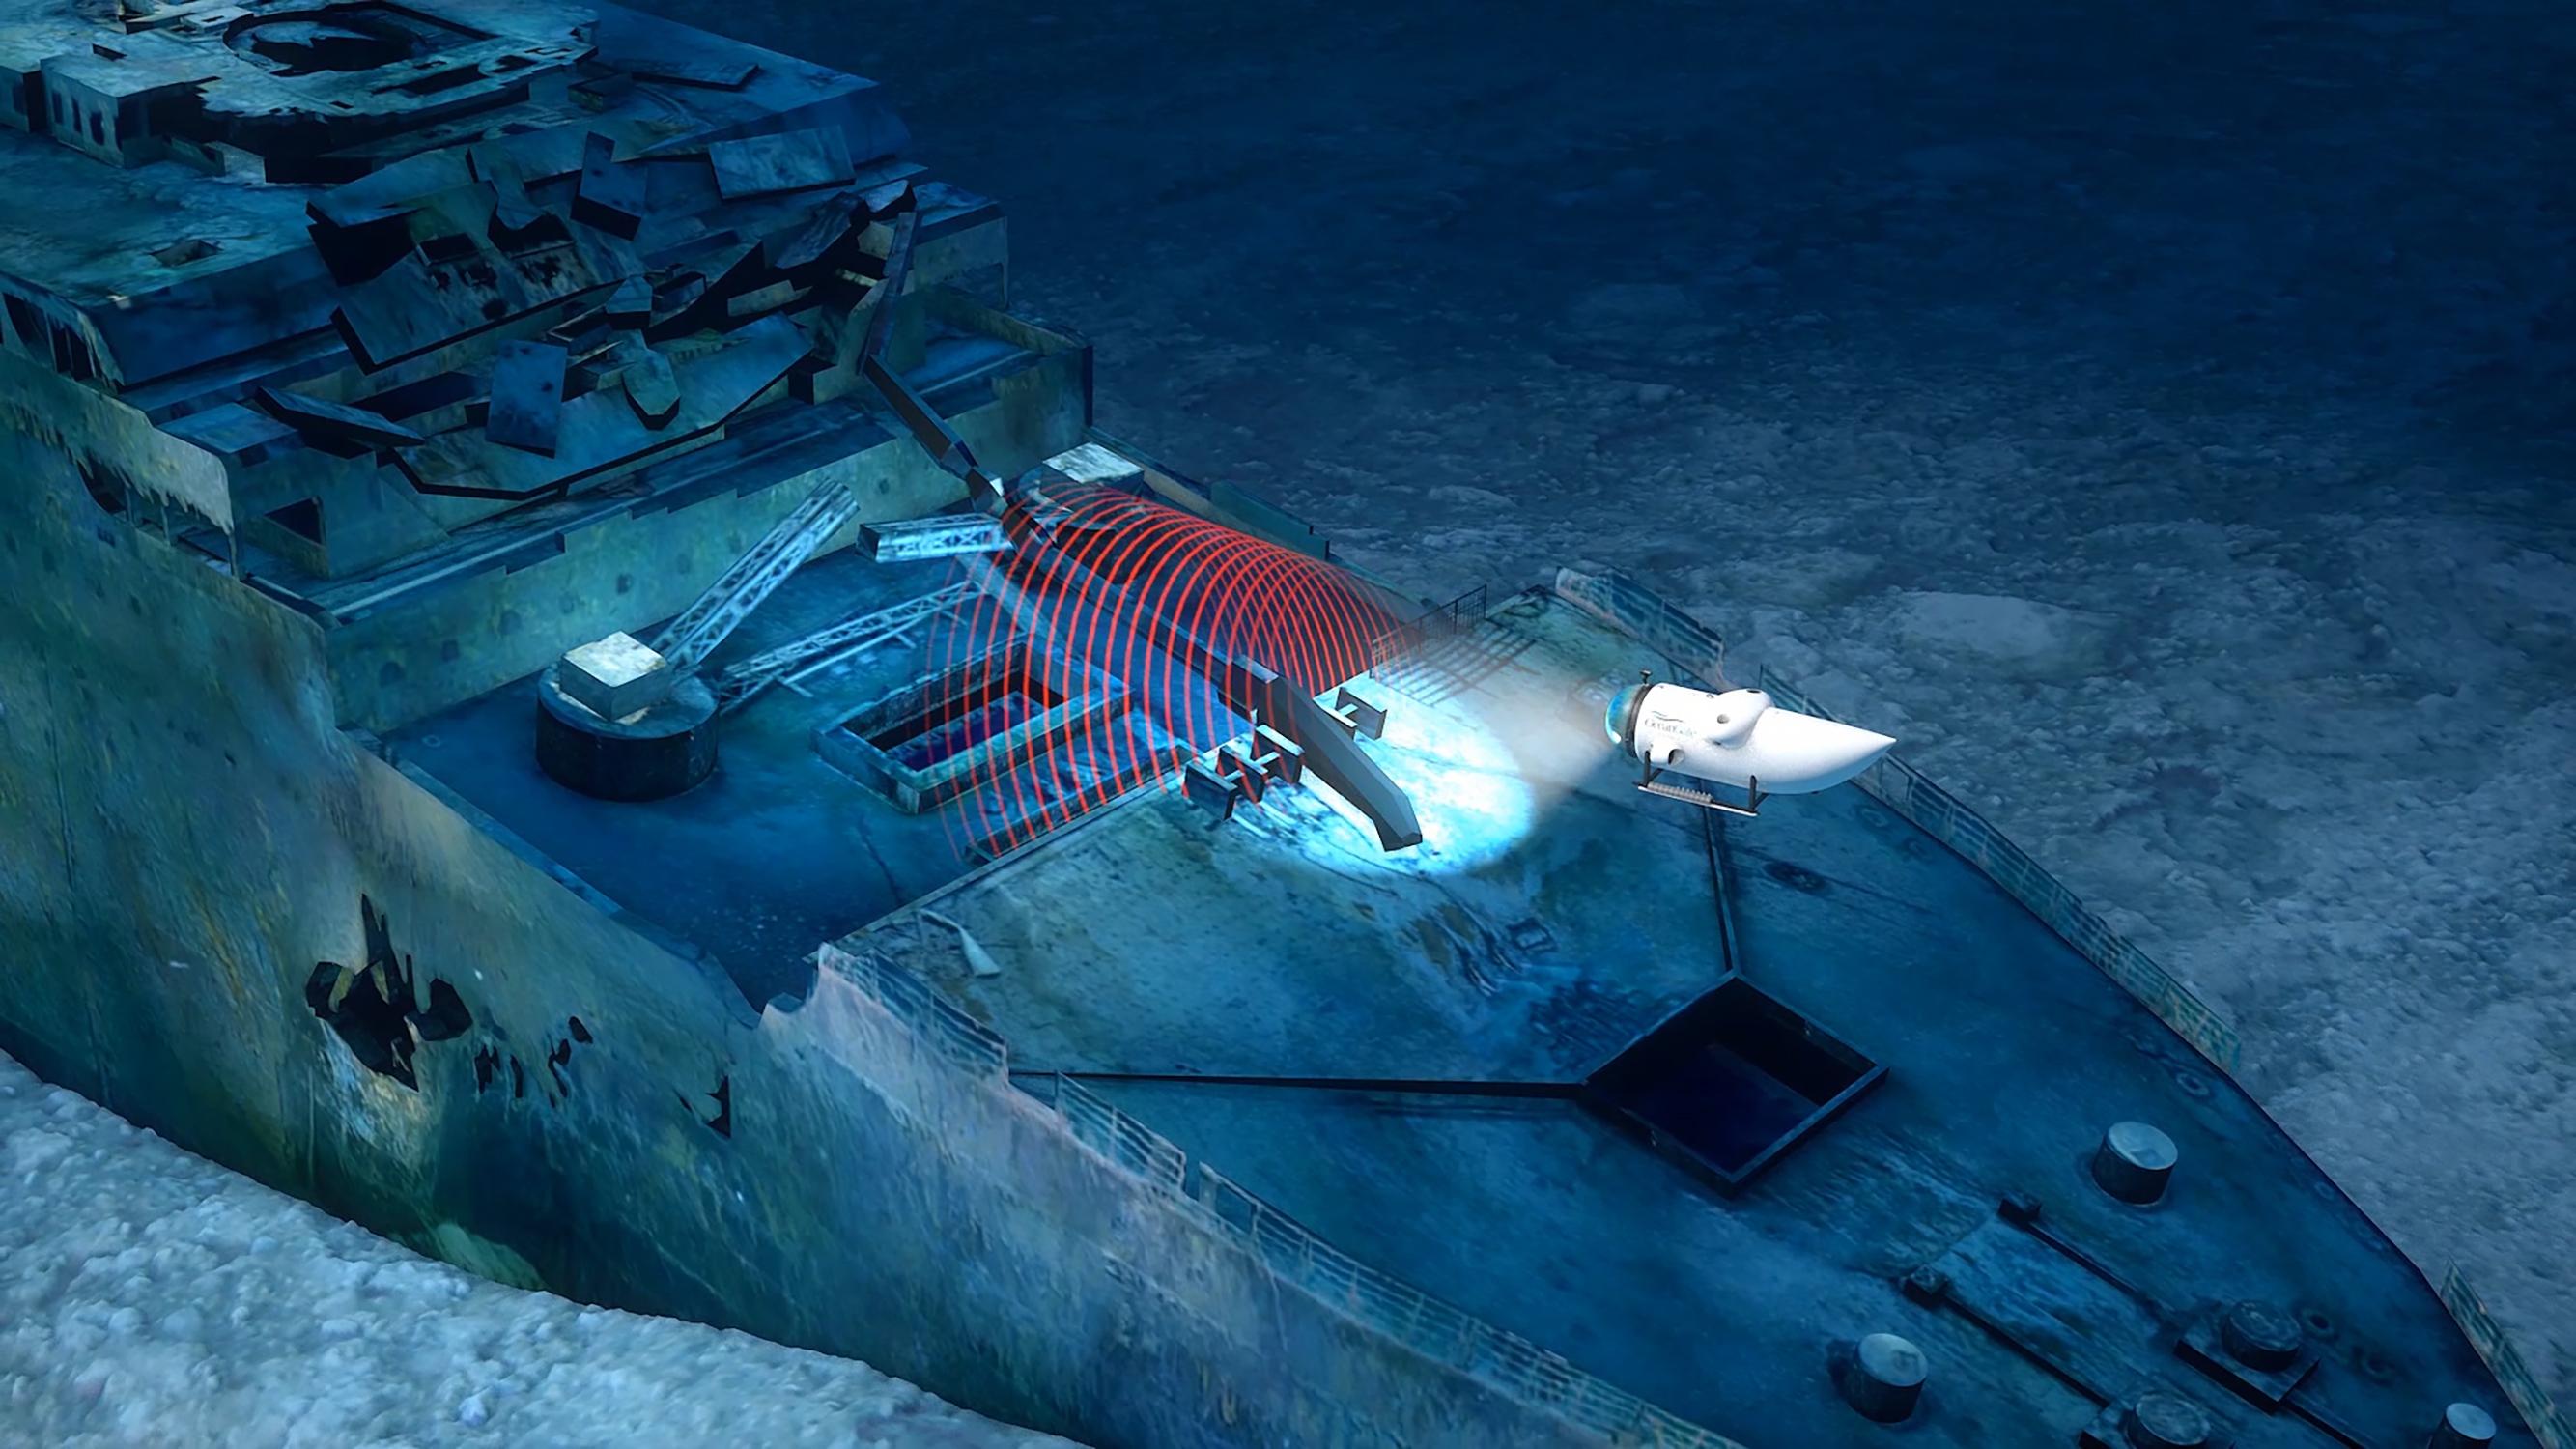 La campagne menée par Ocean Gate permettra de réaliser un modèle numérique 3D de l'épave du Titanic et de son champ de débris © Ocean Gate Inc.